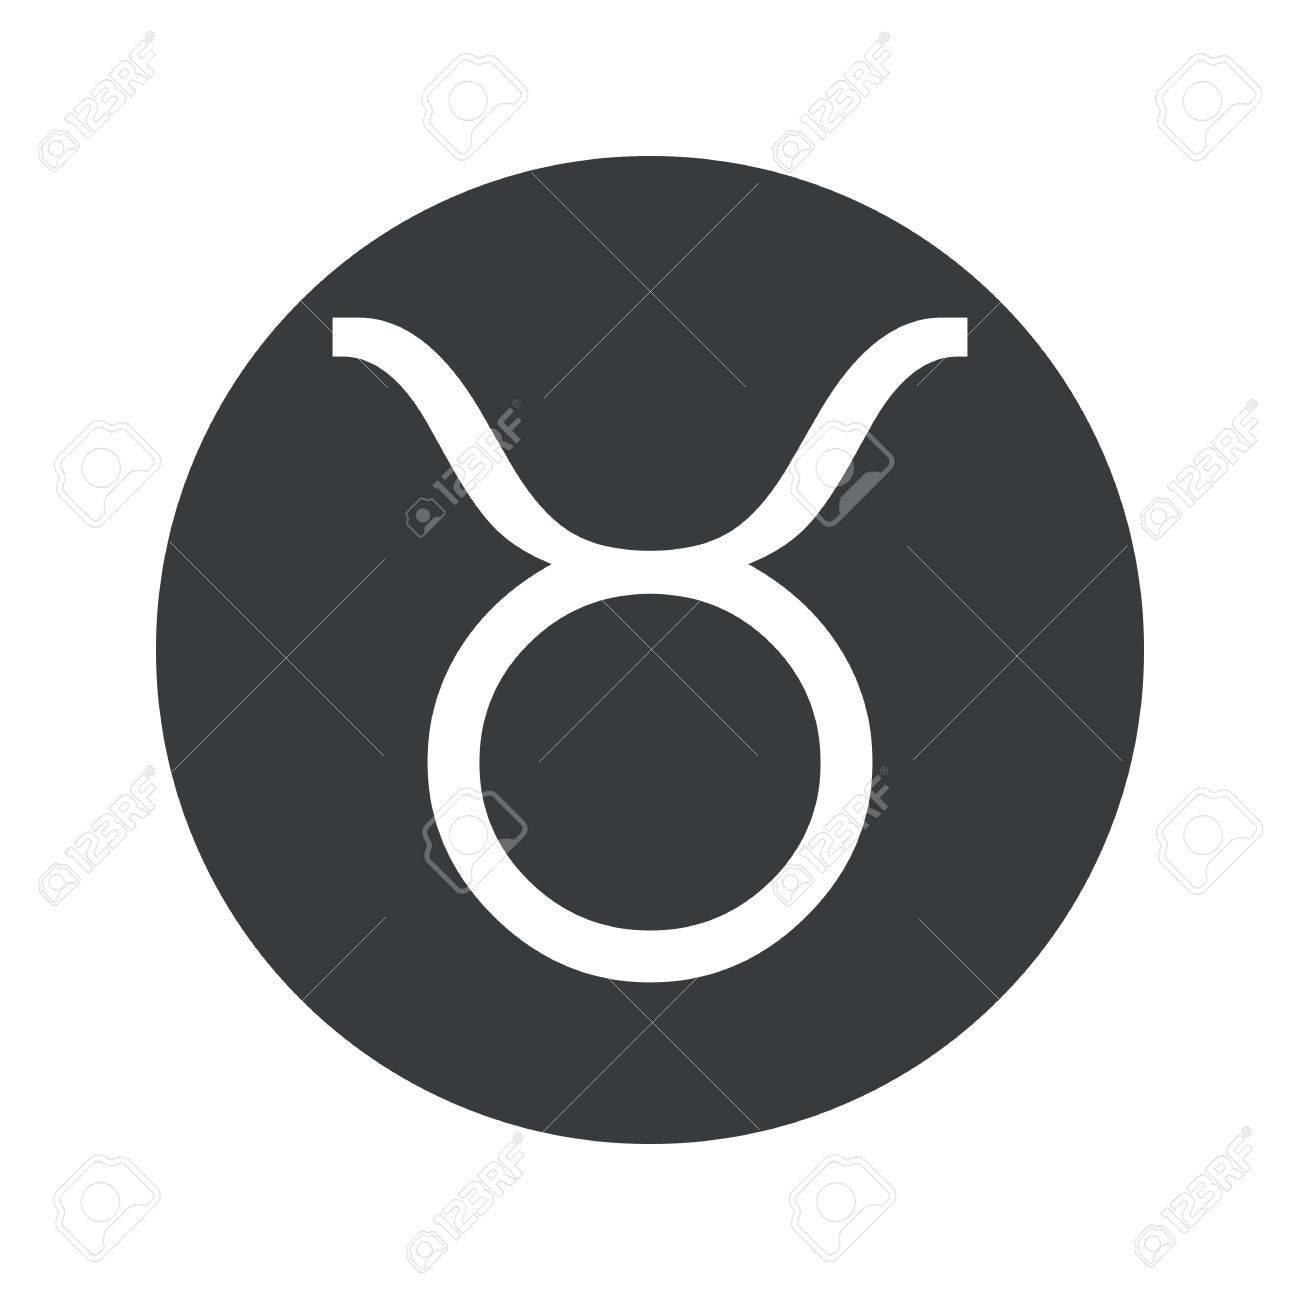 Image Of Taurus Zodiac Symbol In Black Circle Isolated On White